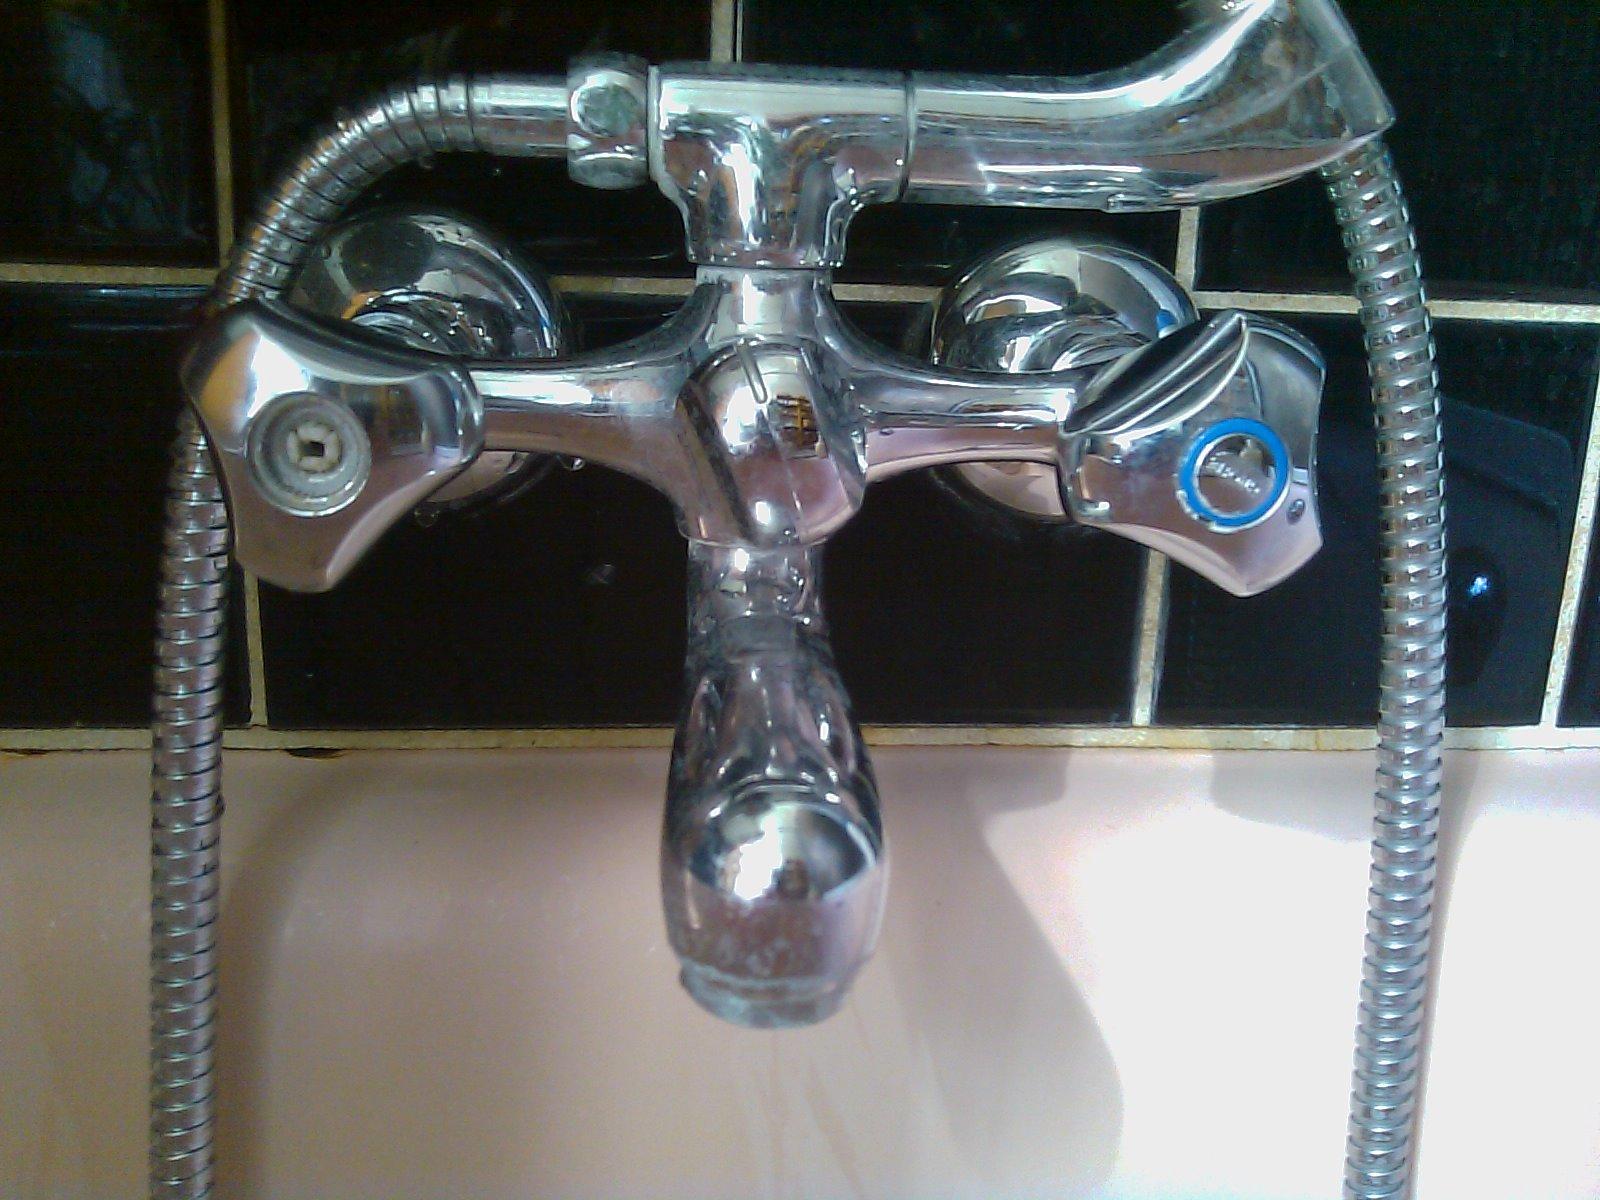 changer un joint d'un robinet mélangeur grohe - Changer Le Robinet D Une Baignoire